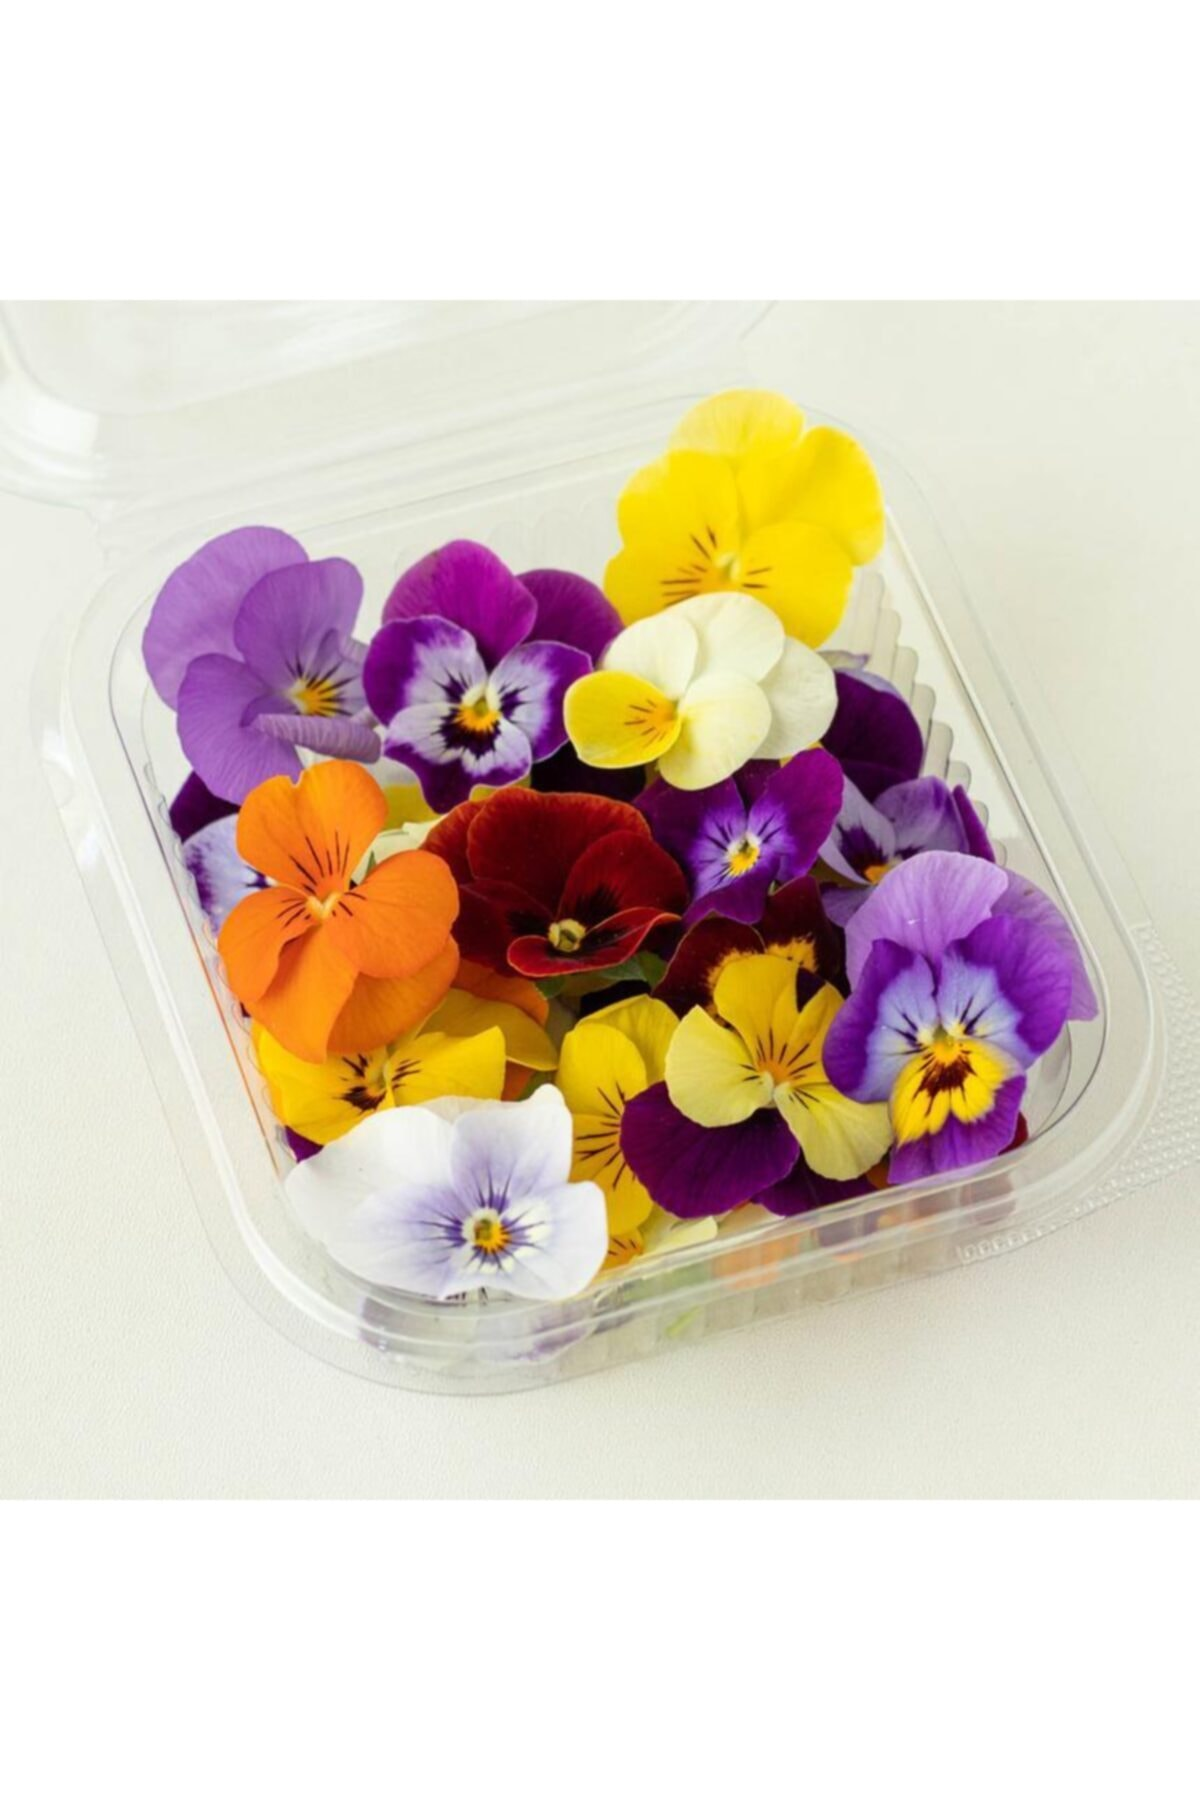 Mimi Çiftliği Yenilebilir Çiçek Menekşe (Pakette 30 Ad) 2